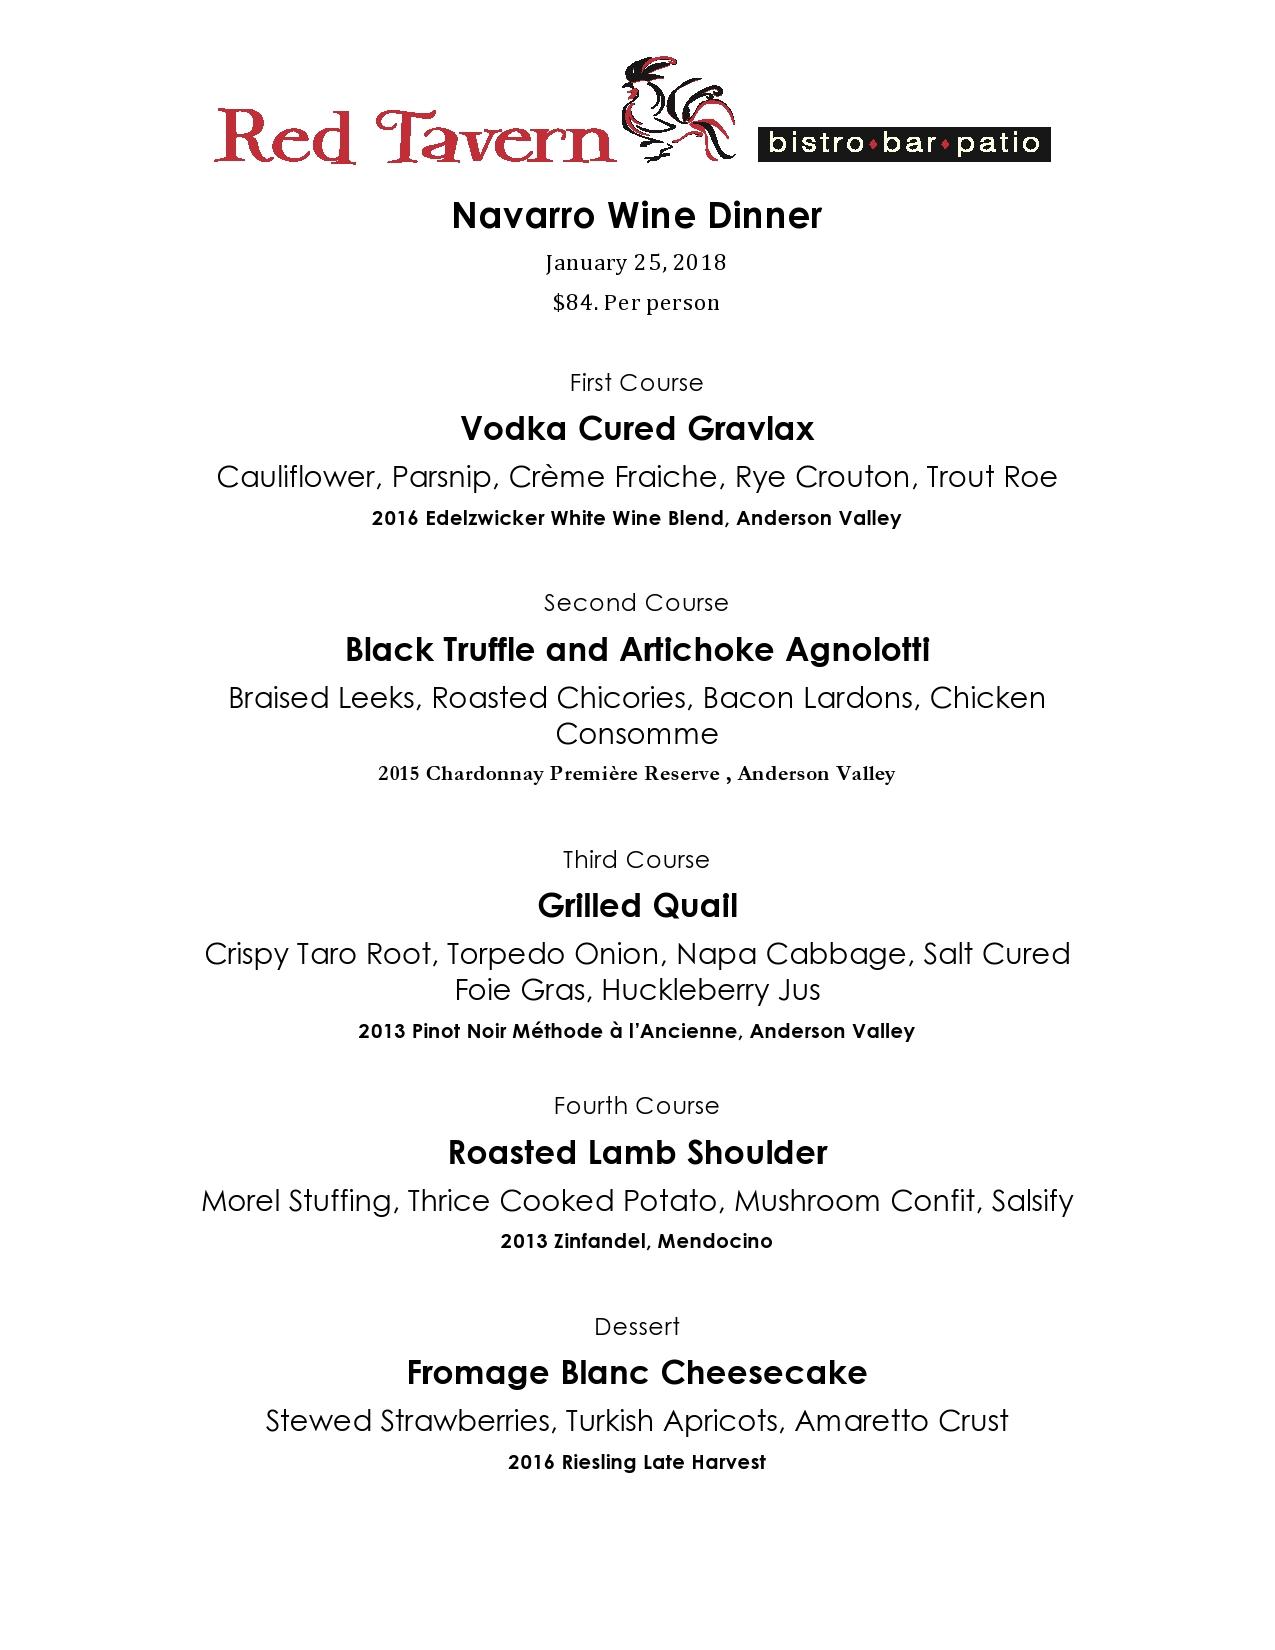 Red Tavern upcoming event: Navarro Vineyards Wine Dinner – January 25, 2018